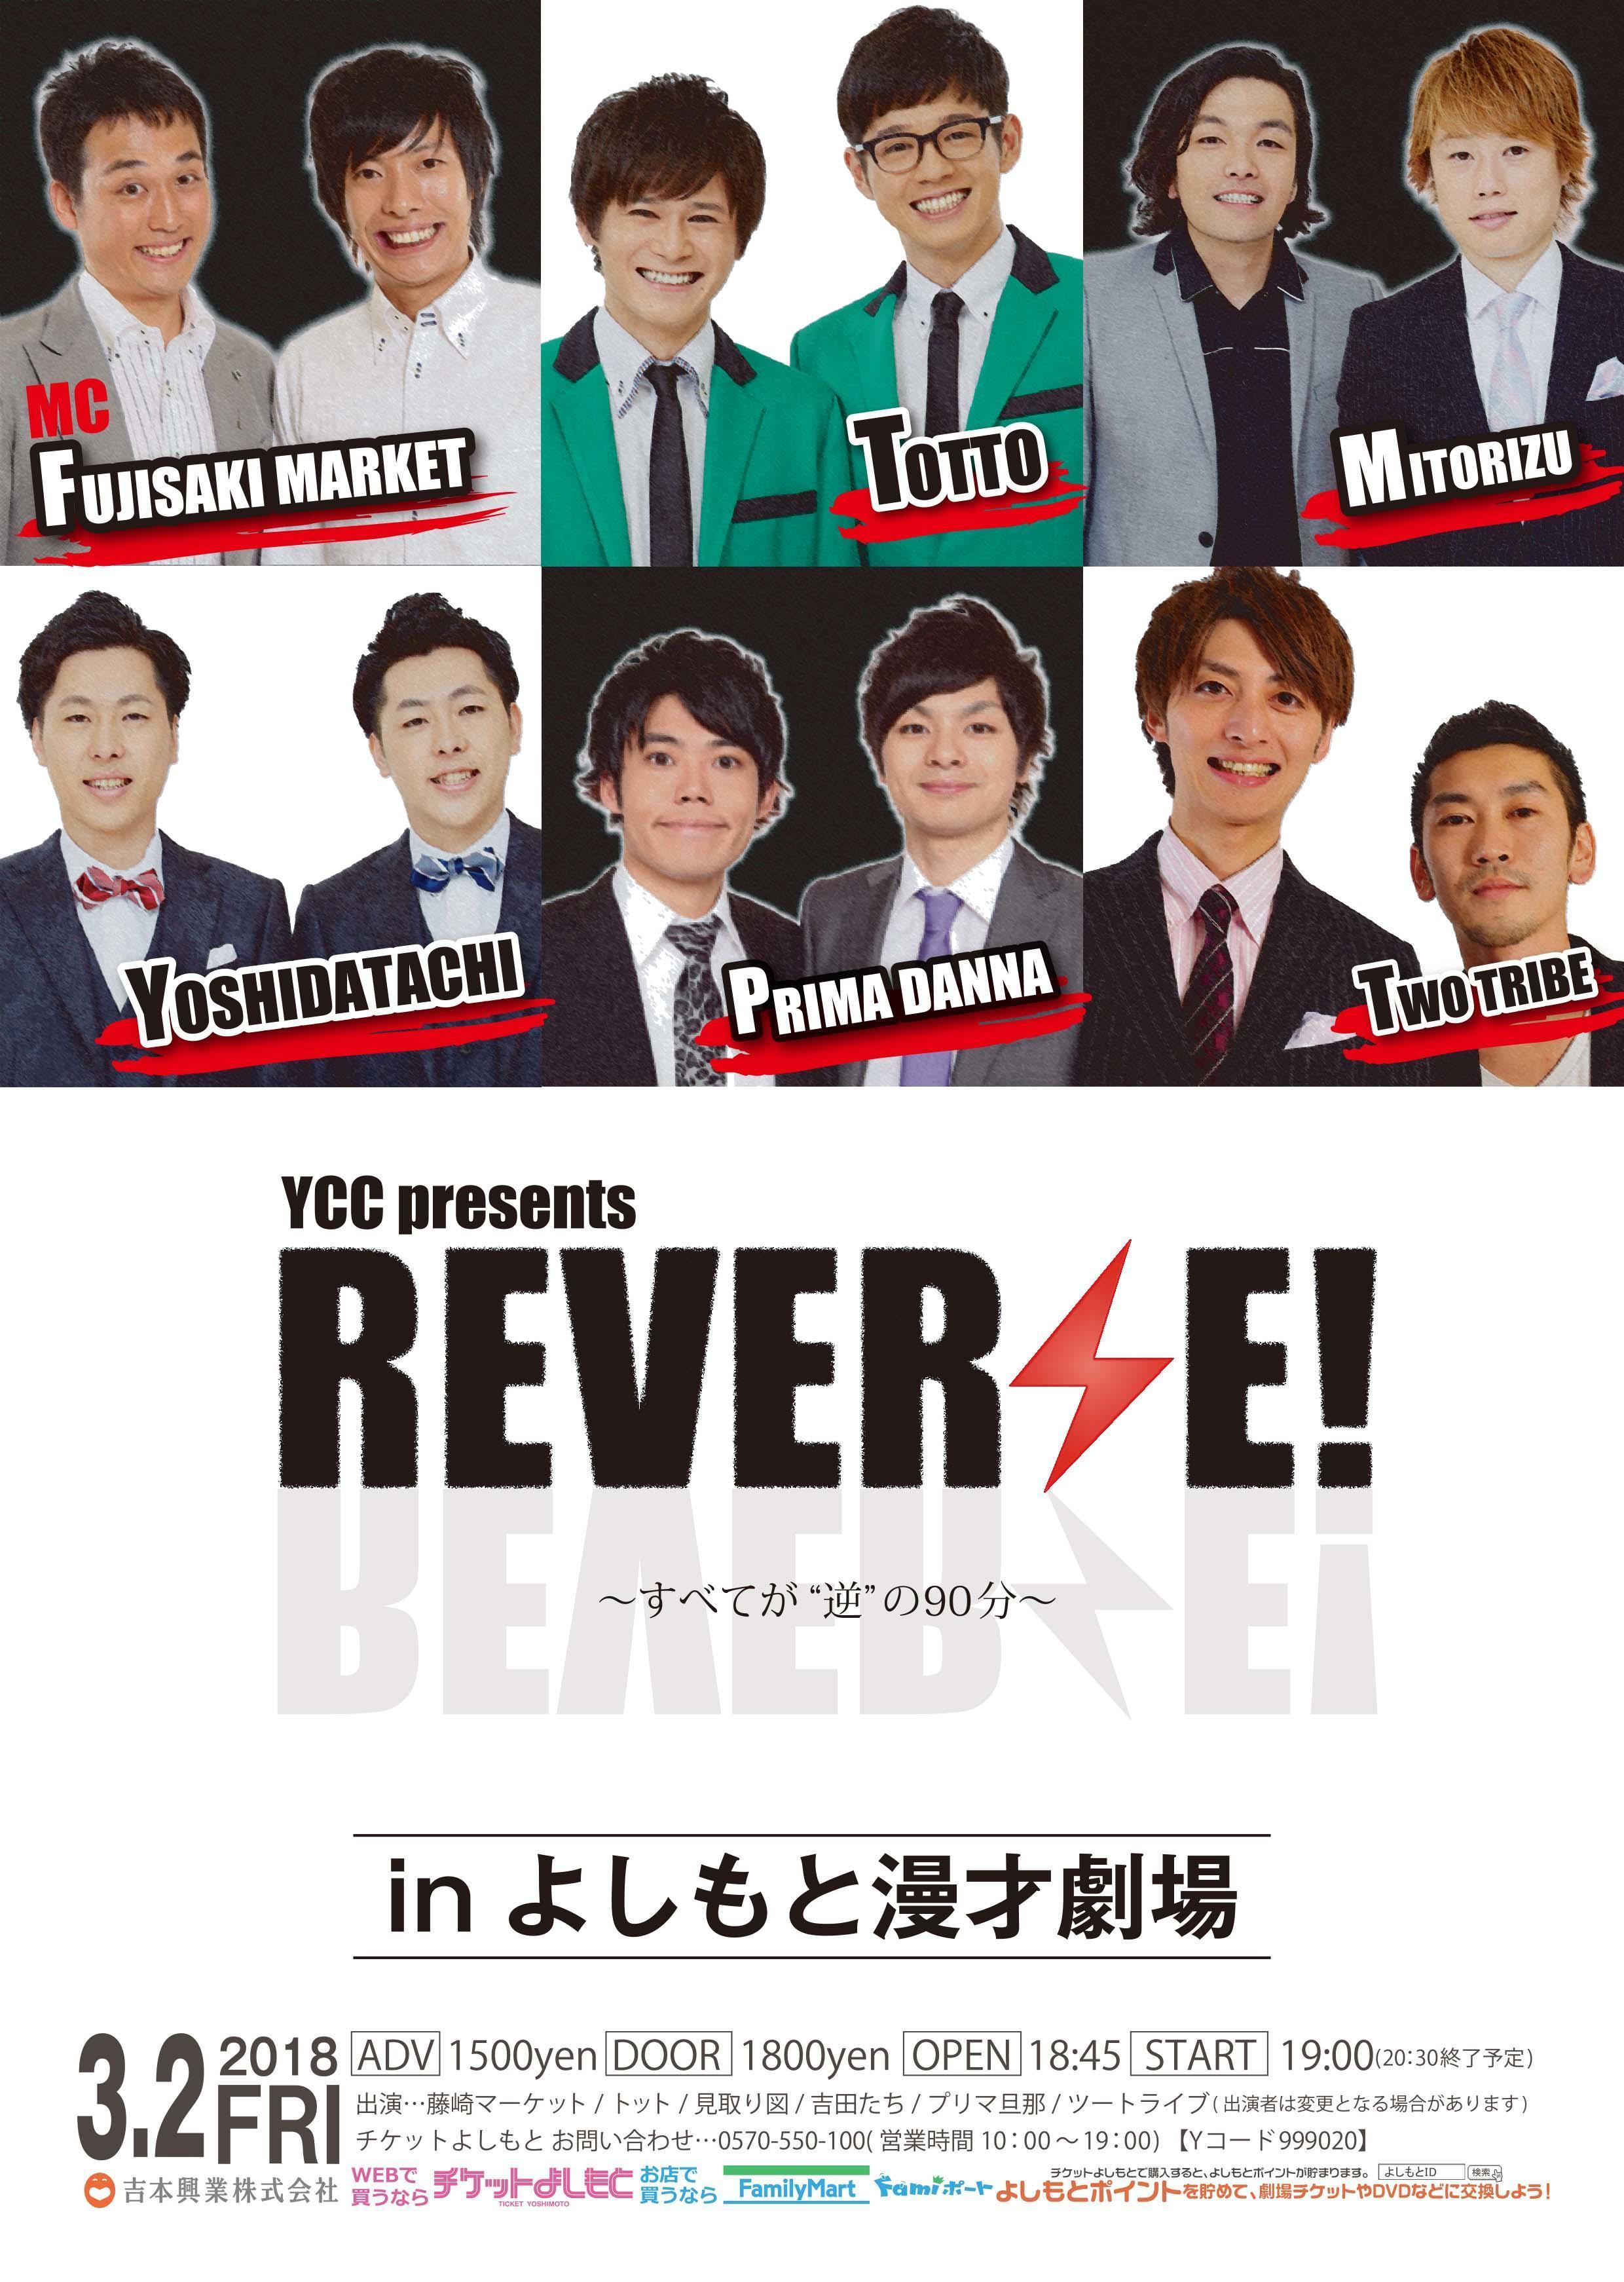 http://news.yoshimoto.co.jp/20180305133554-eeb4bdbcb70bb94d6b93005703f0fe98e2a319ad.jpg